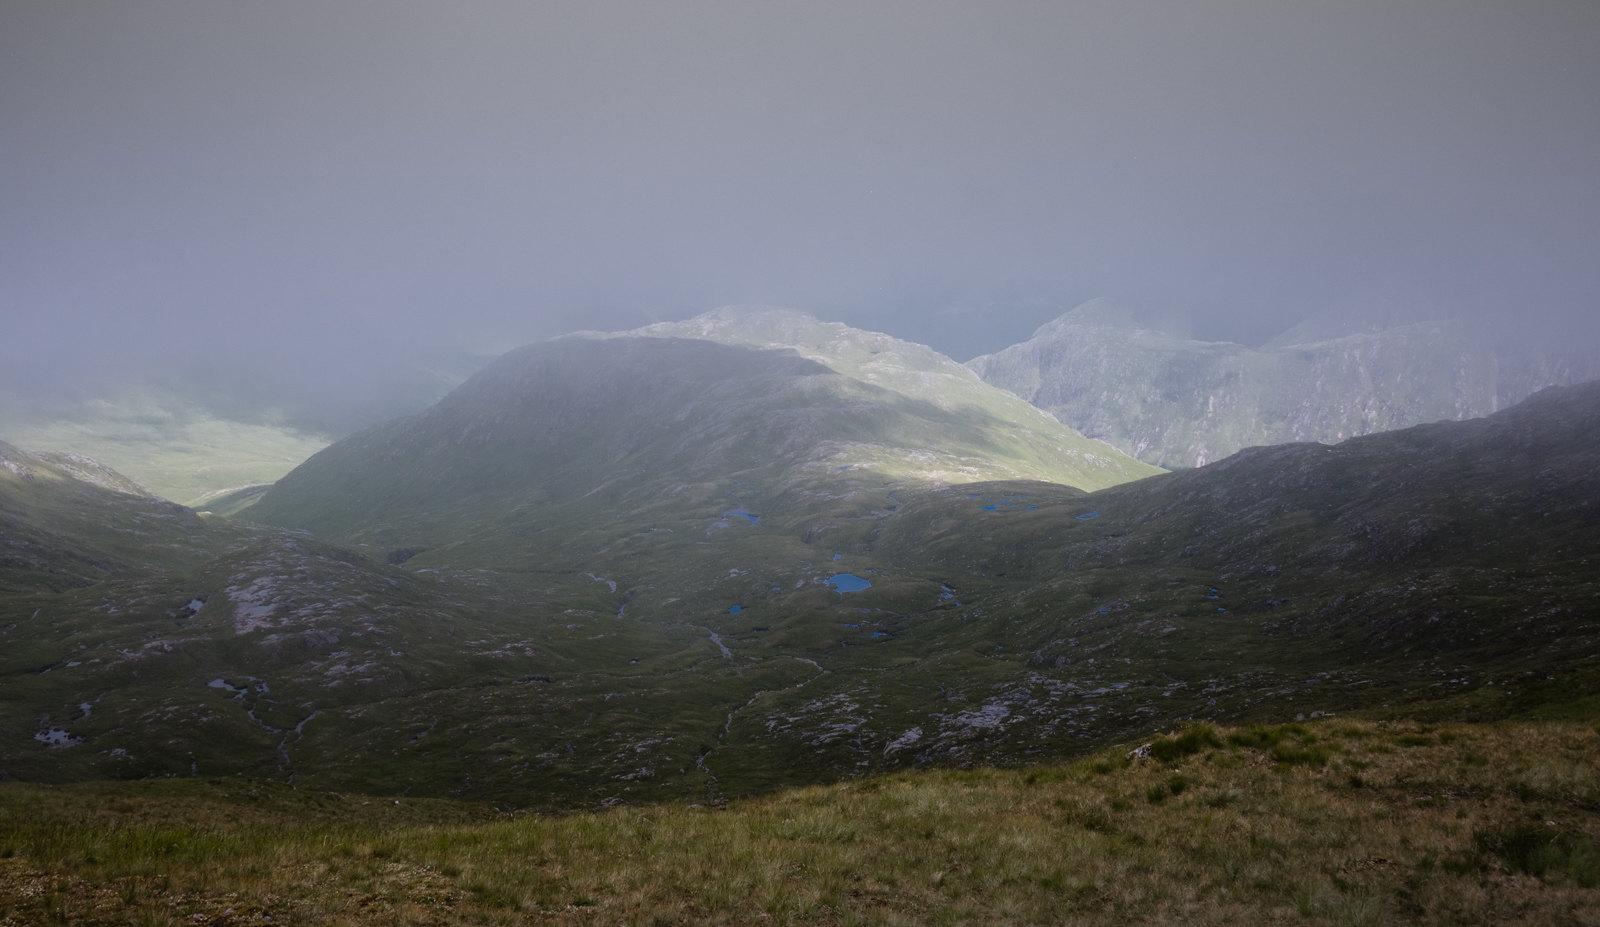 Aonach Mor view